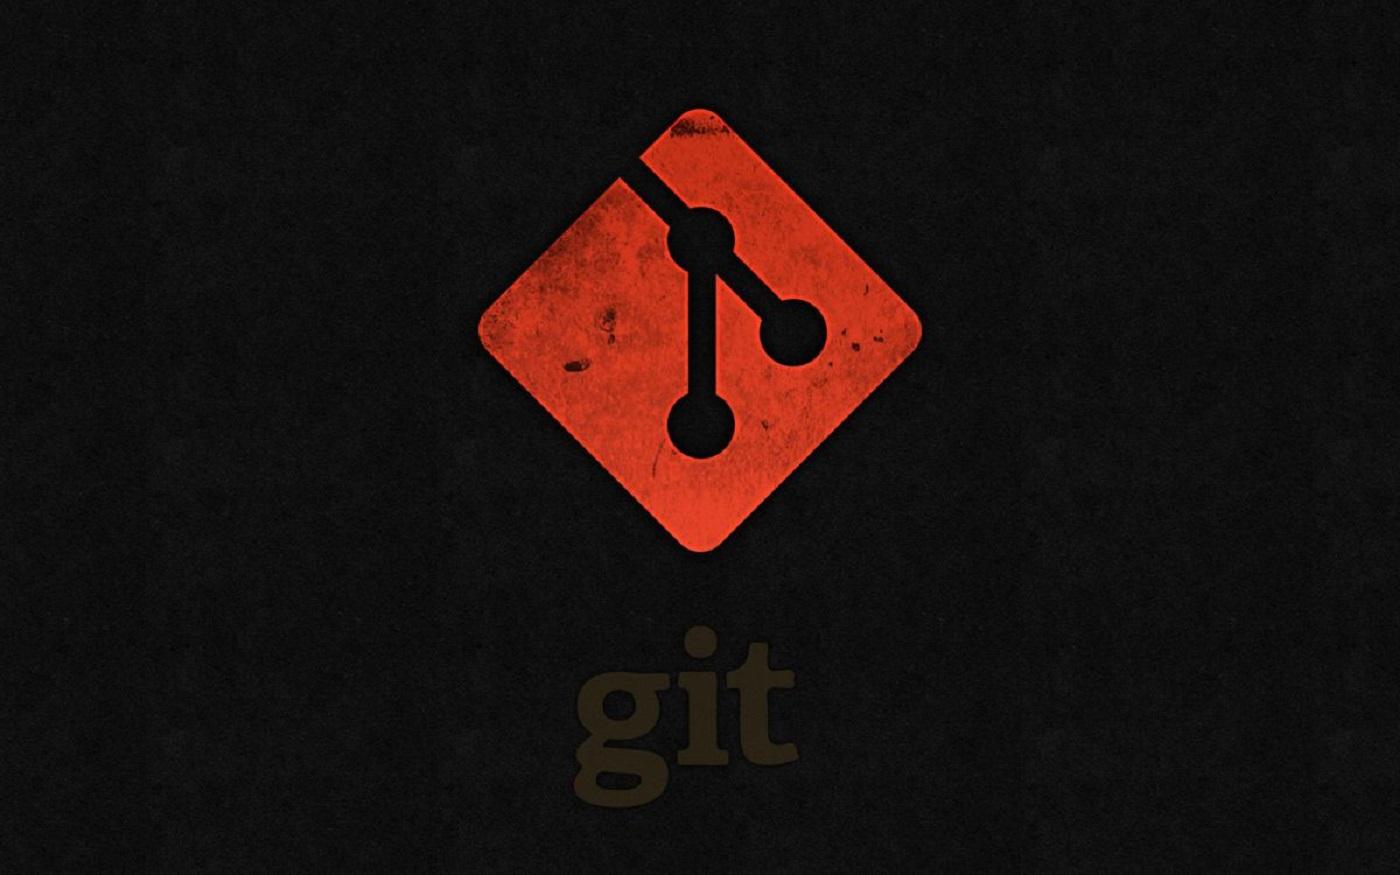 [Guida] Muovere i primi passi con il version control system Git [Parte 2]